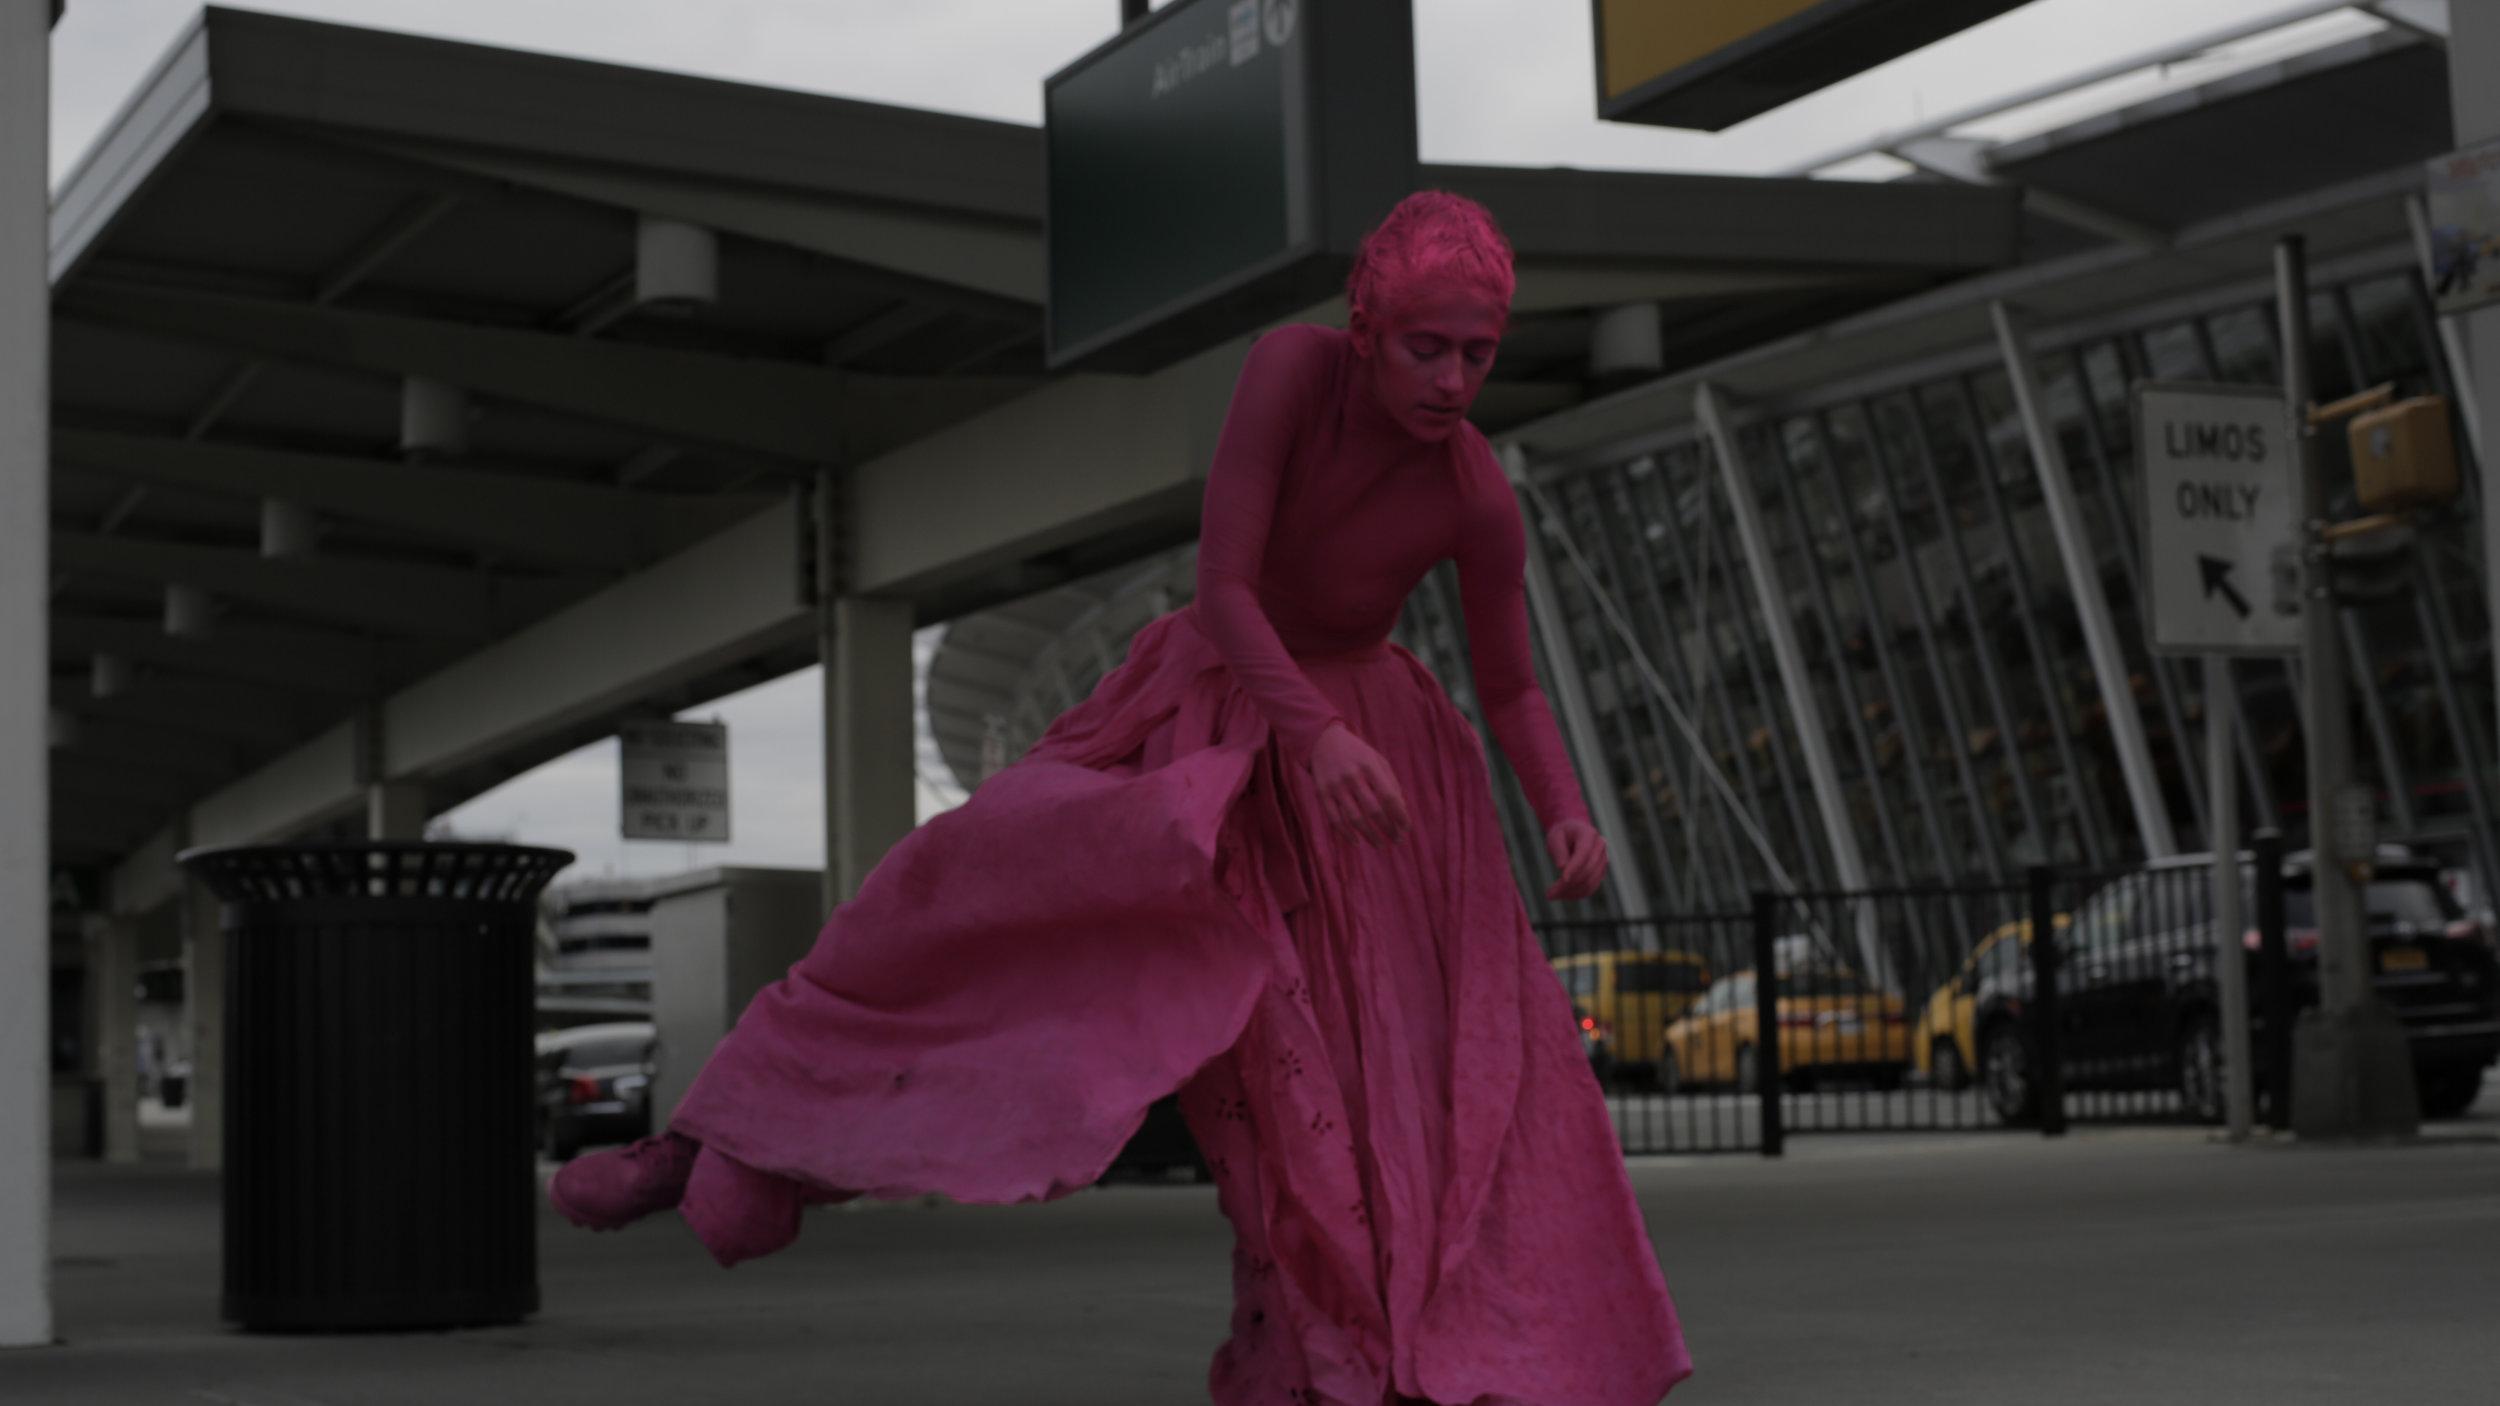 Danielle Russo Performance Project_SENTINEL_Roya 003_Luke Ohlson.jpg